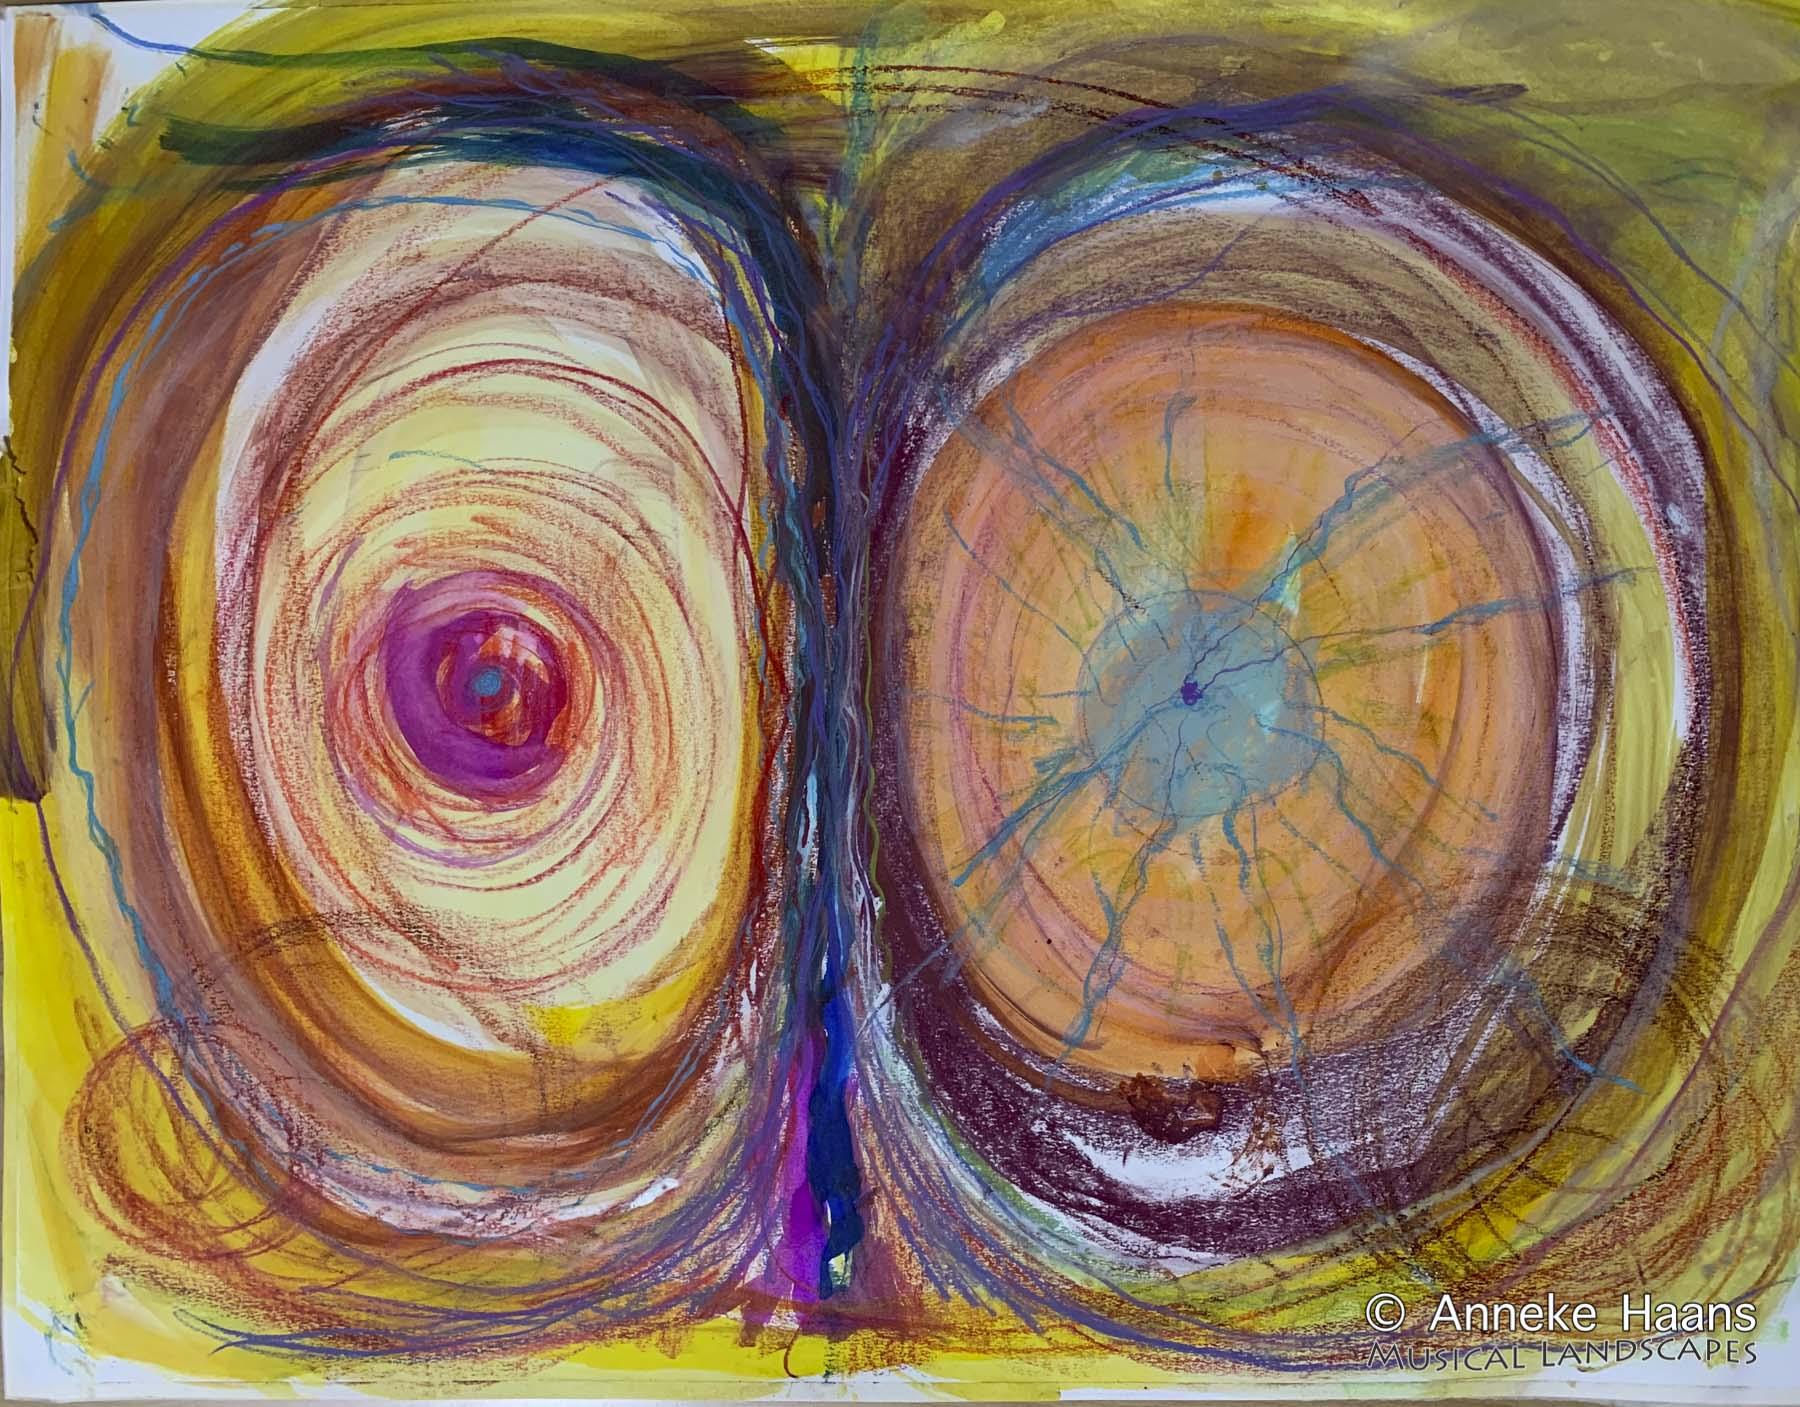 'Twee-eenheid' | Tracking Tilburg | Pastelkrijt, bijenwaskrijt, aquarelwaskrijt, ecoline, inkt op papier | 94,5 x 73 cm